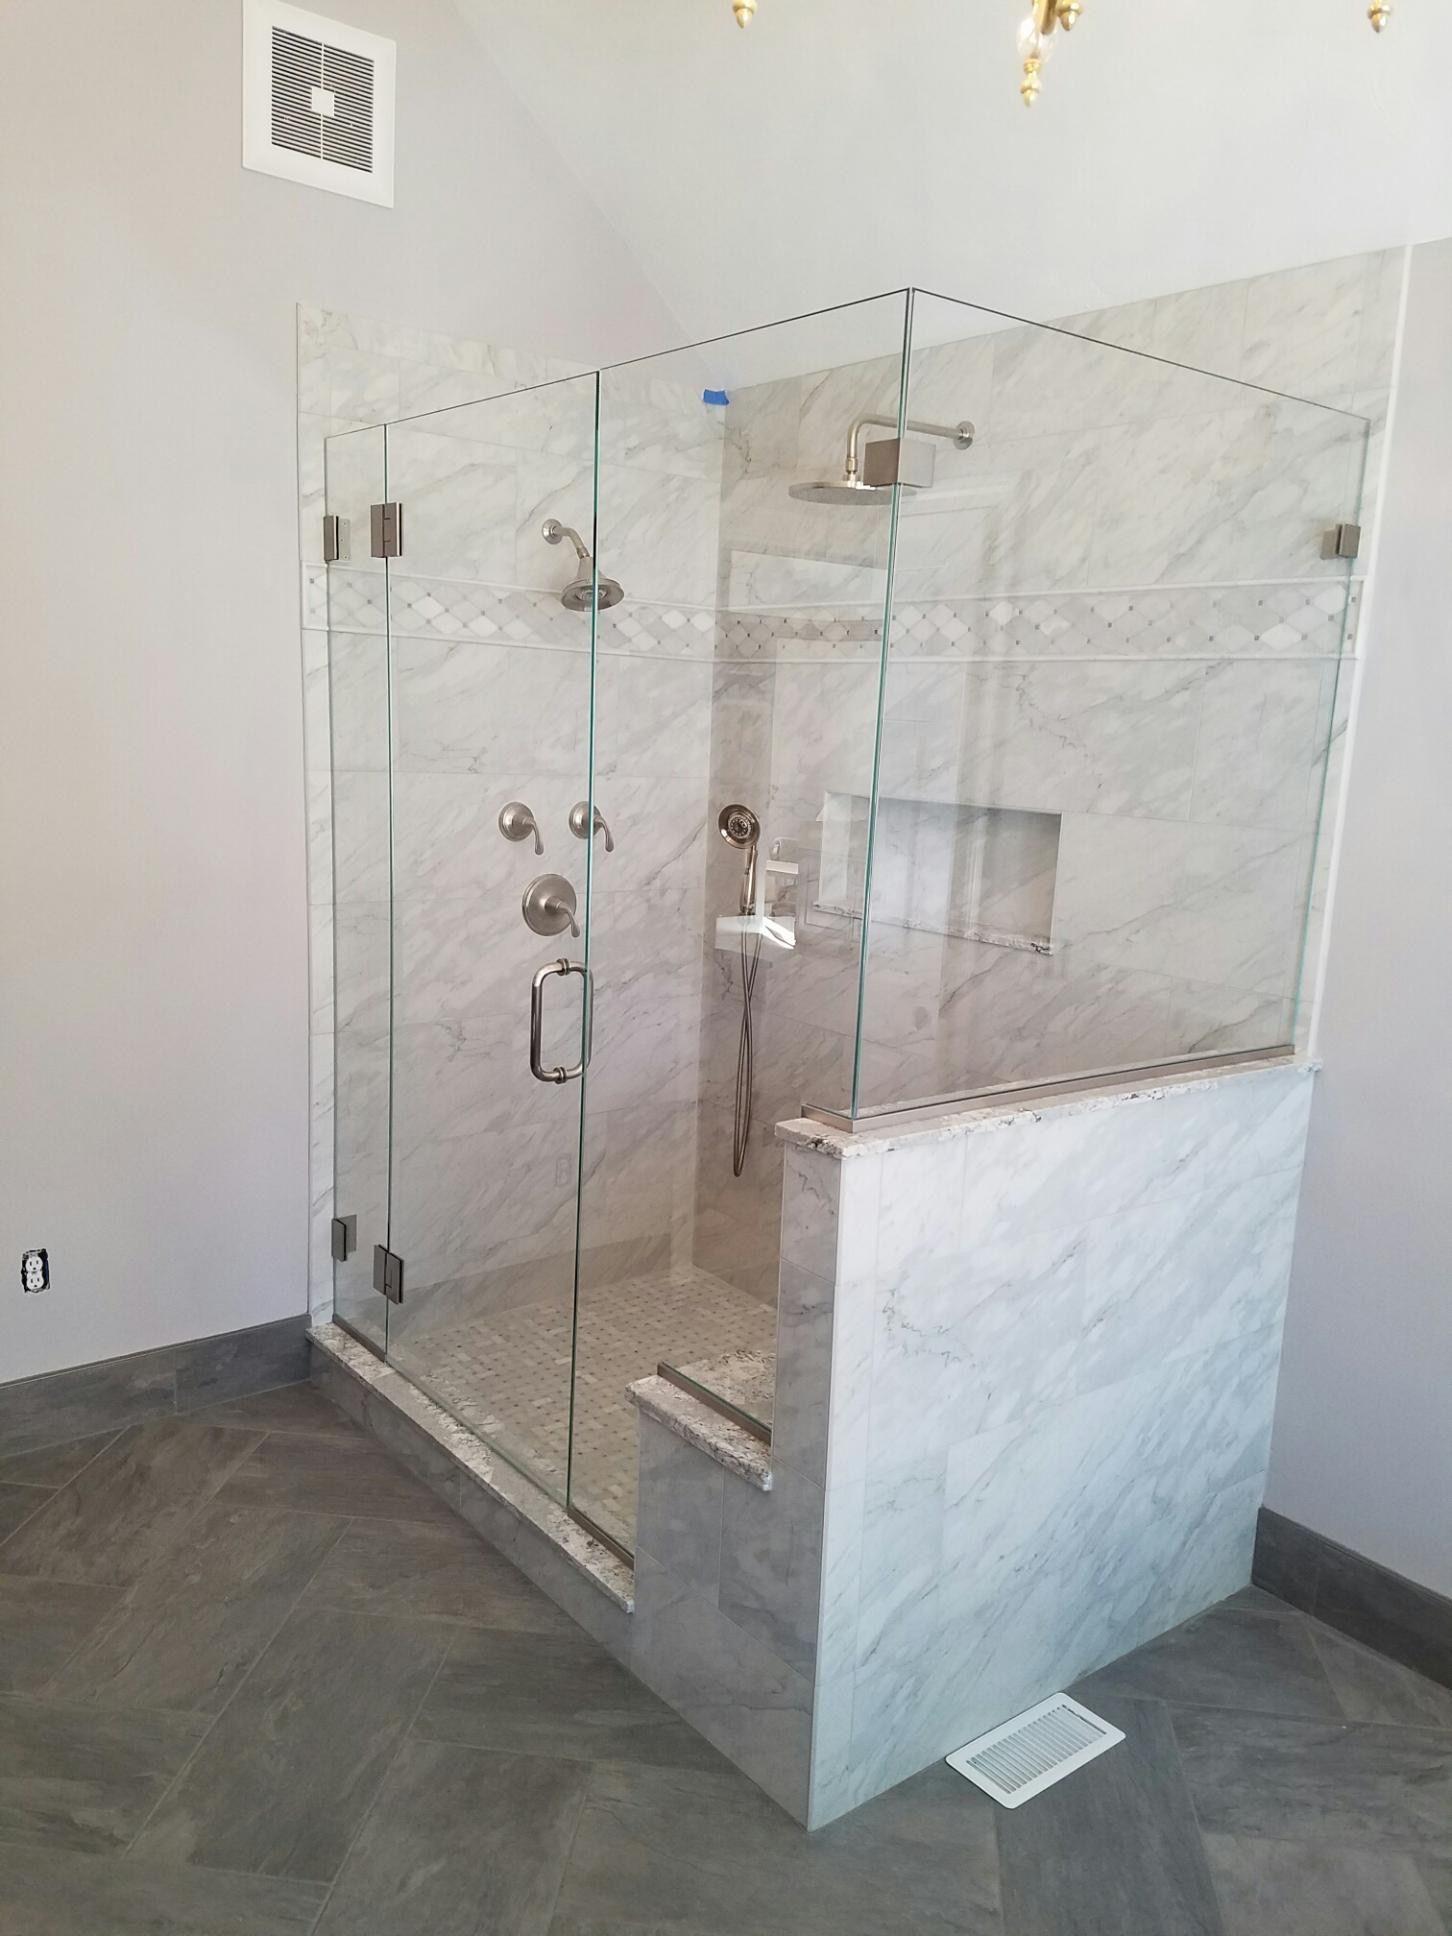 1 2 Starphire Glass Door Hinged Off Sidelite Notched Side Nib Return Panel Glass Door Hinges Luxury Shower Glass Door